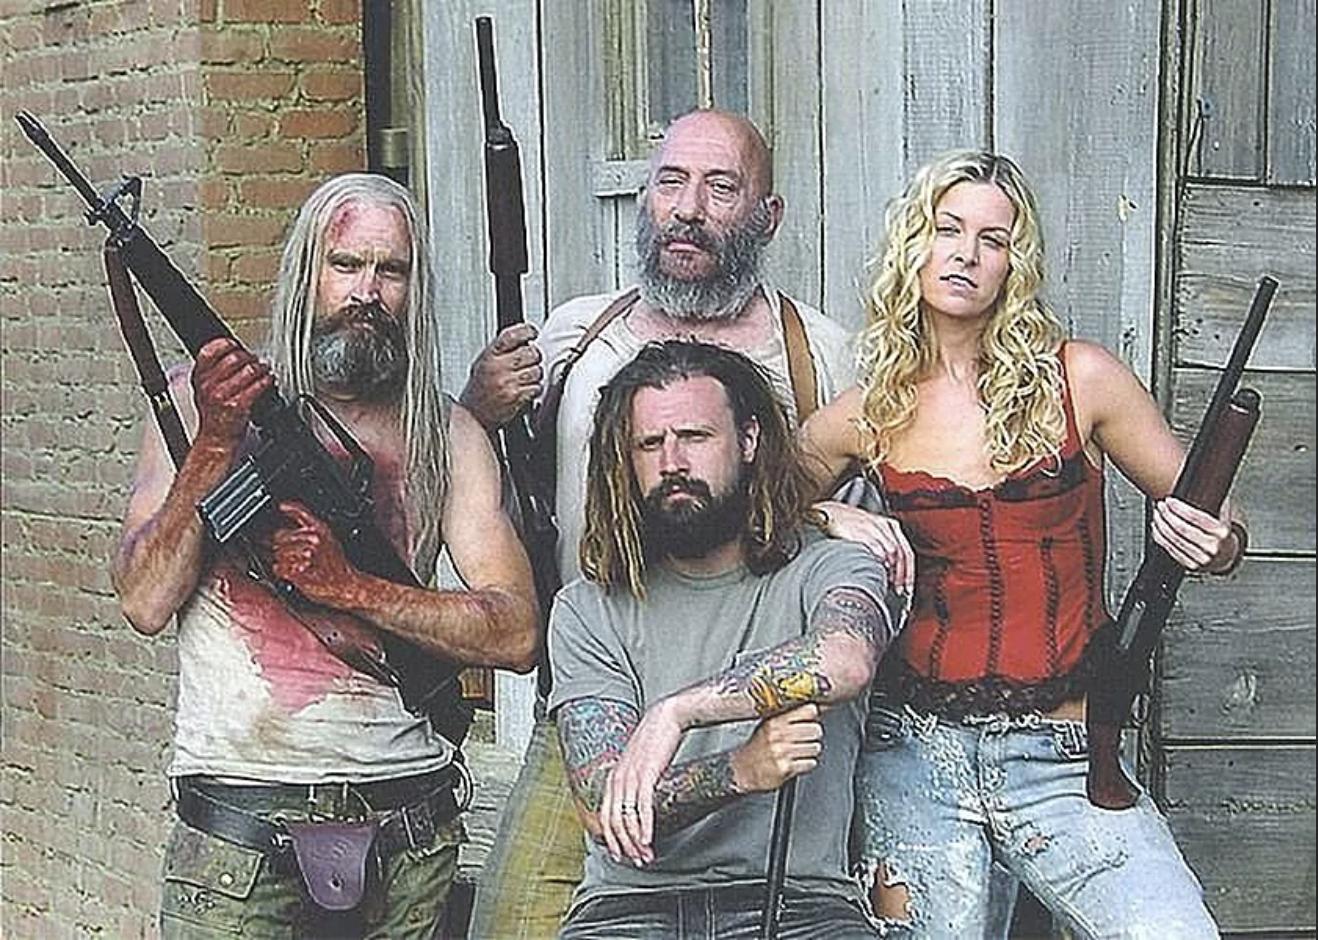 La secuela 3 From Hell de Rob Zombie obtiene fecha de lanzamiento en cines